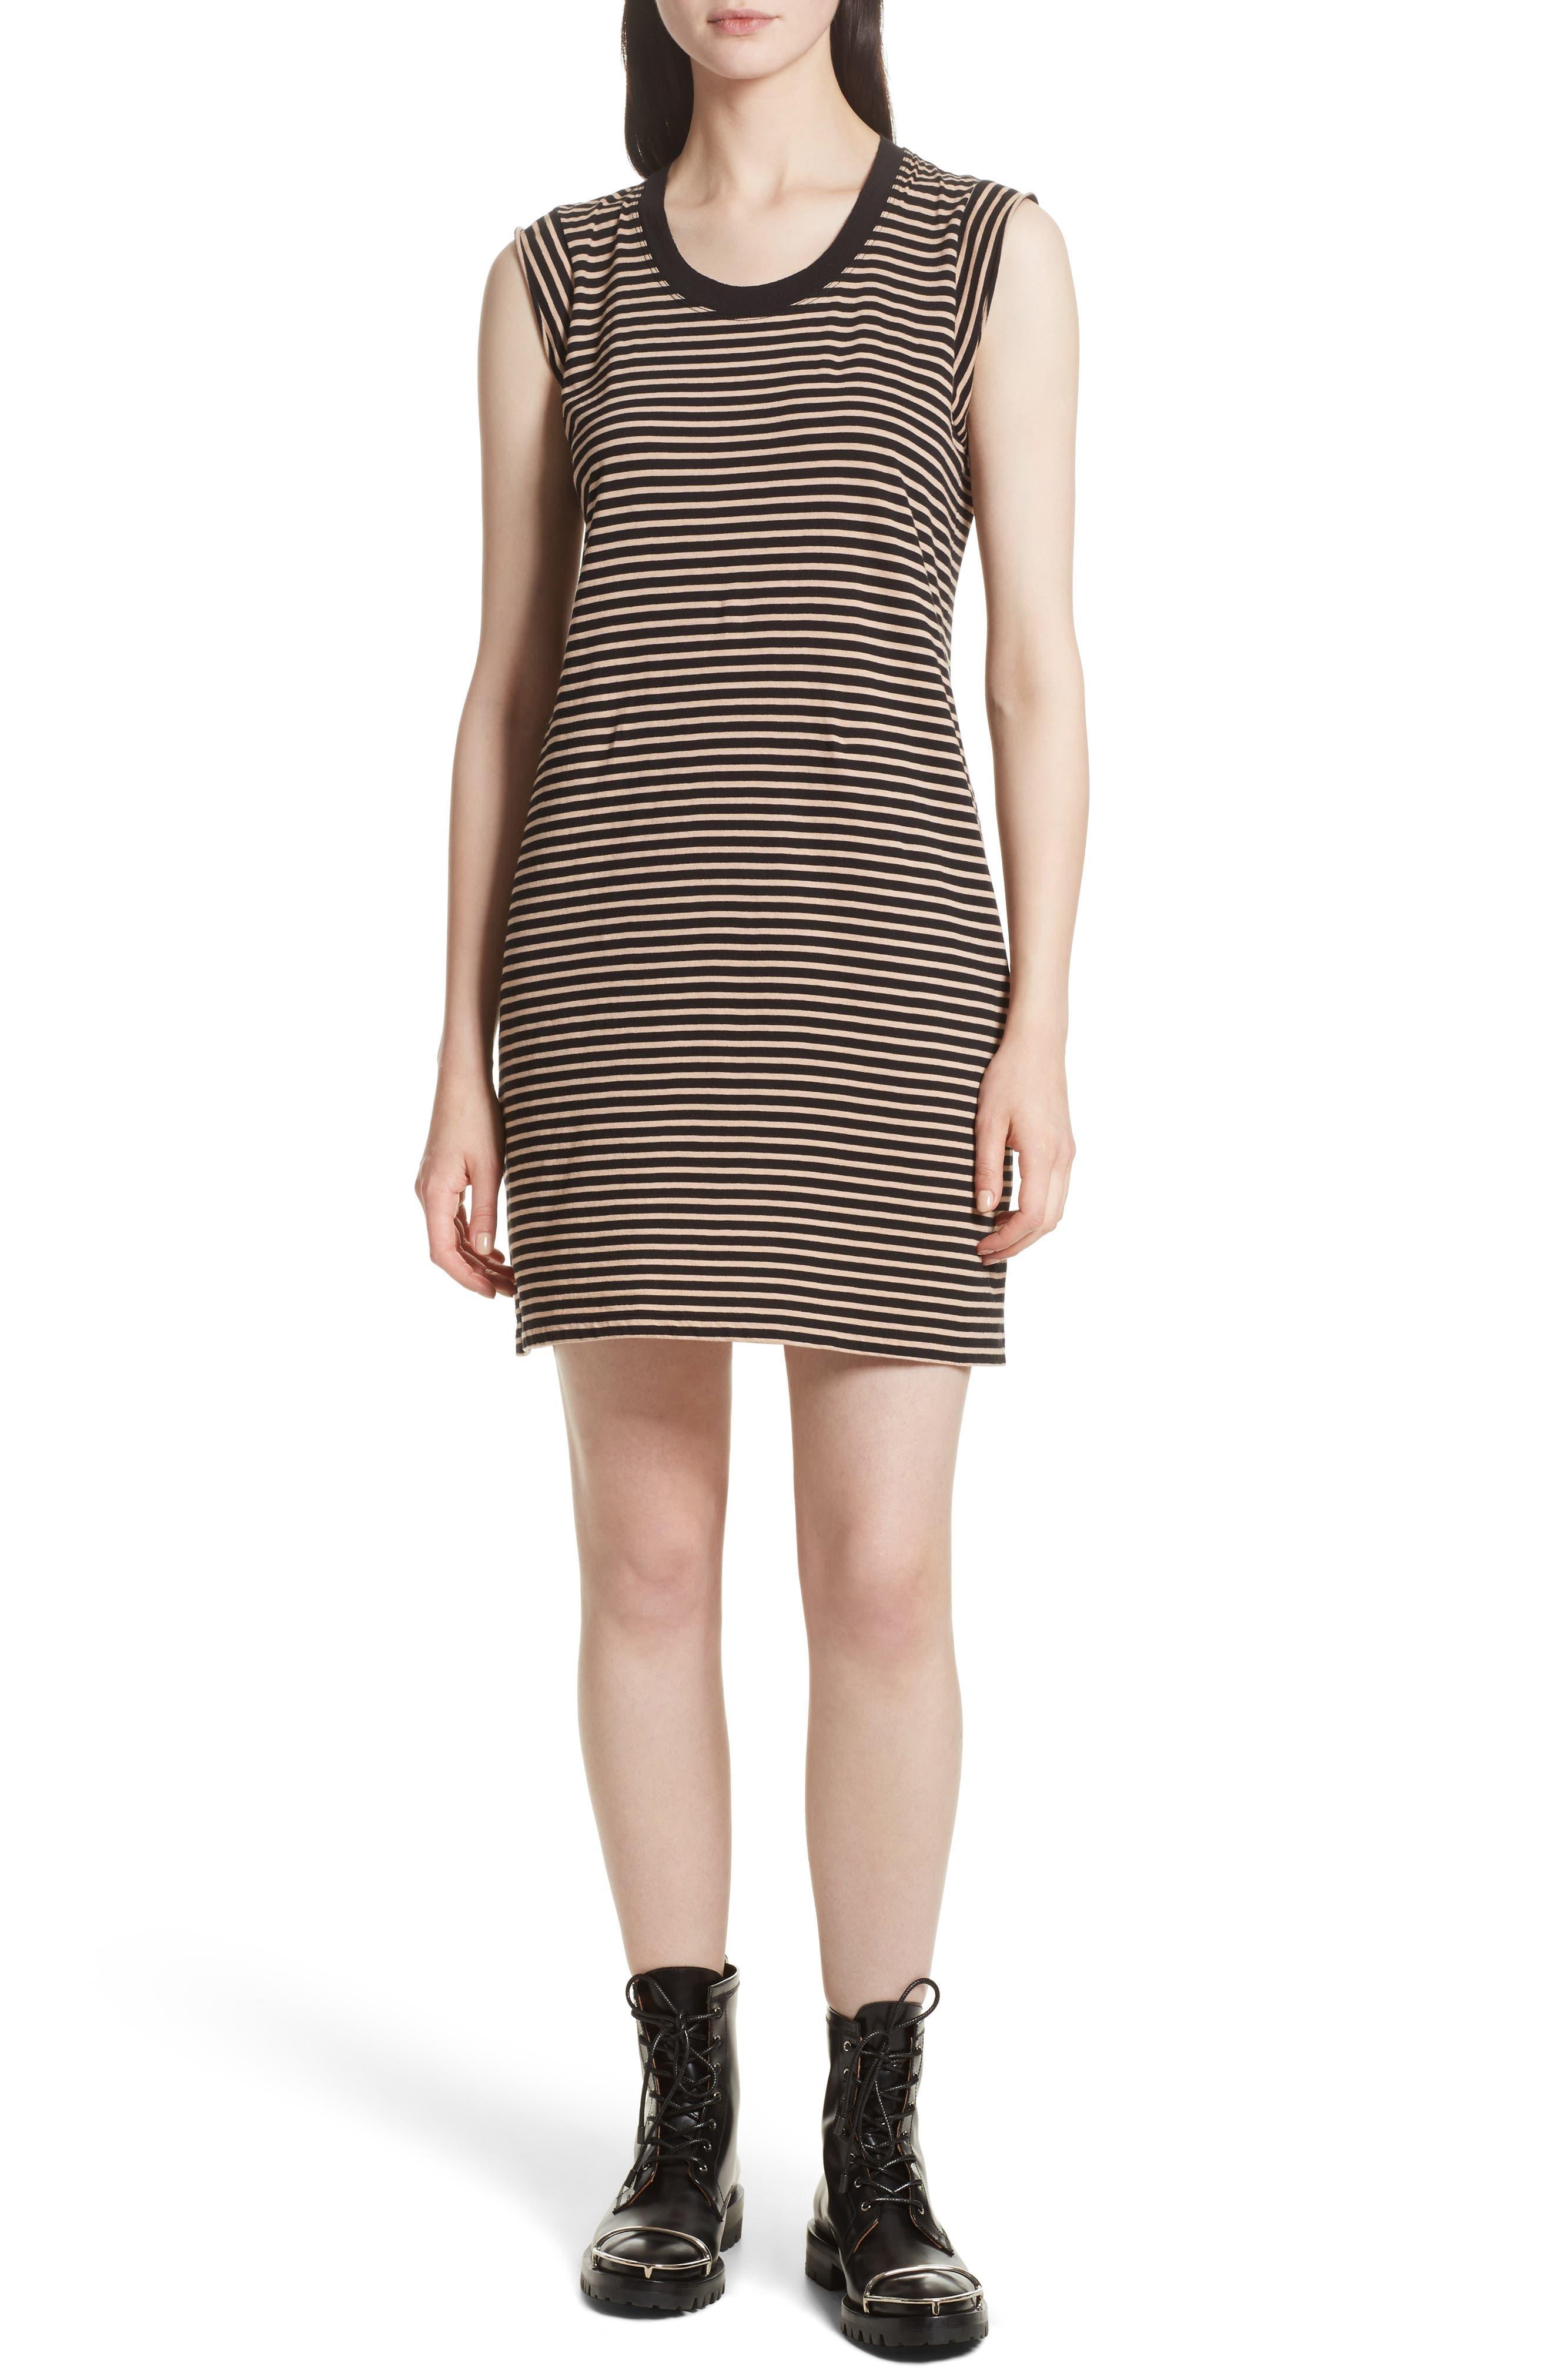 T by Alexander Wang Superfine Jersey T-shirt Dress